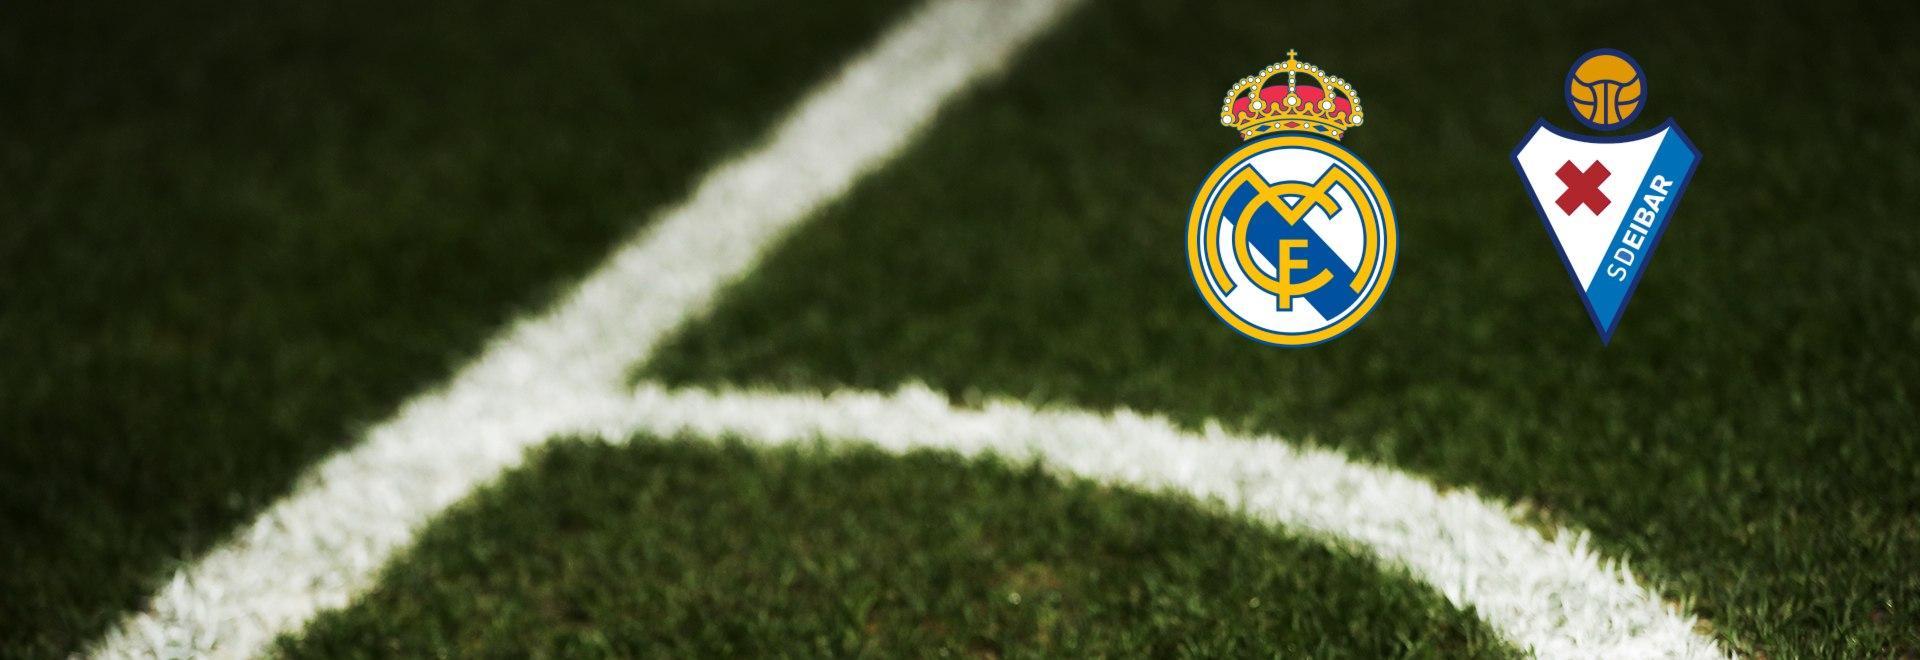 Real Madrid - Eibar. 29a g.